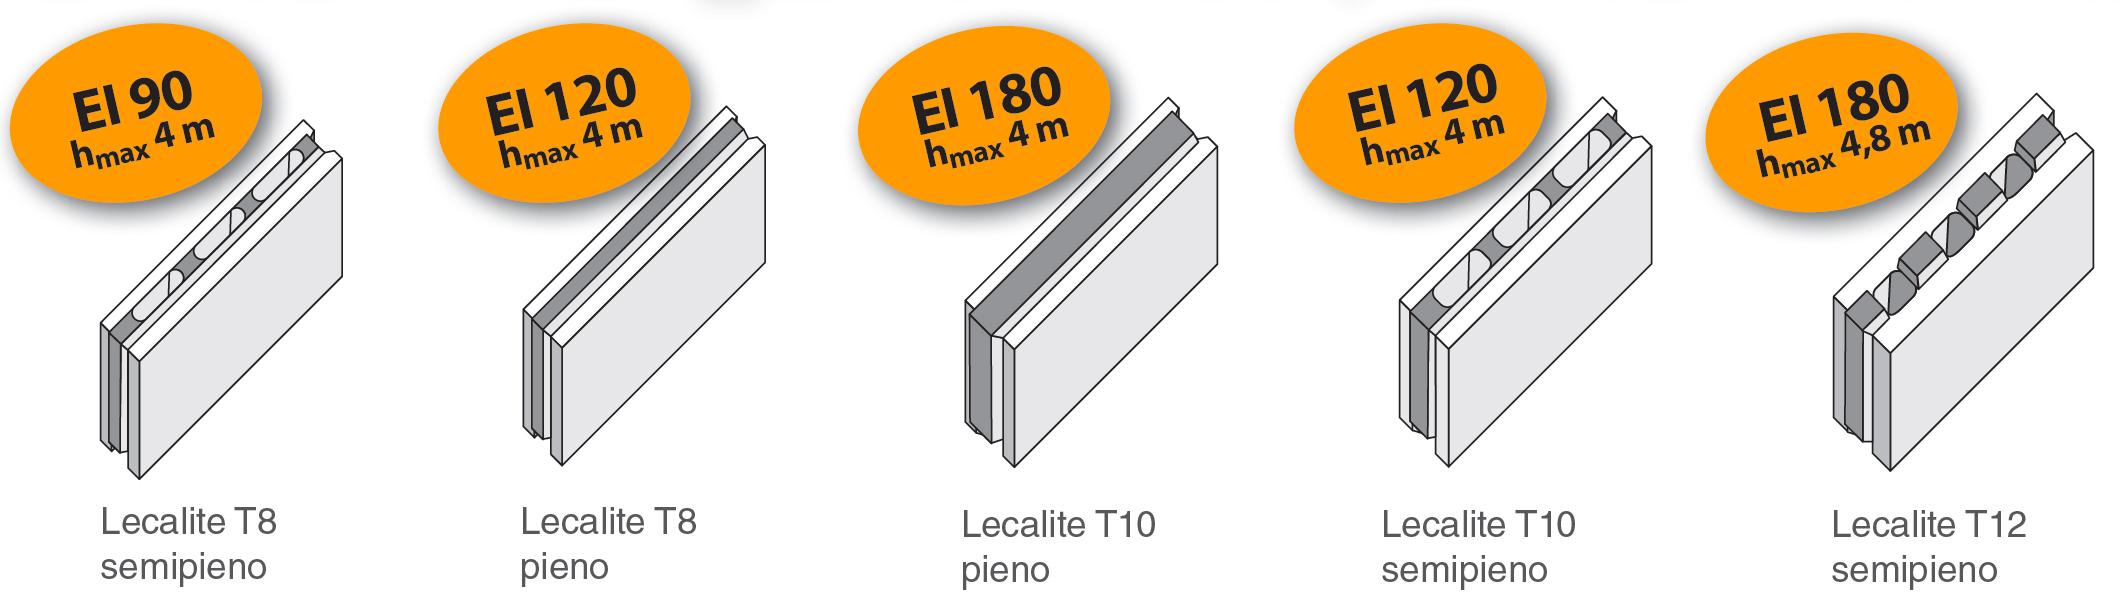 mc113-lecalite-valori-ei